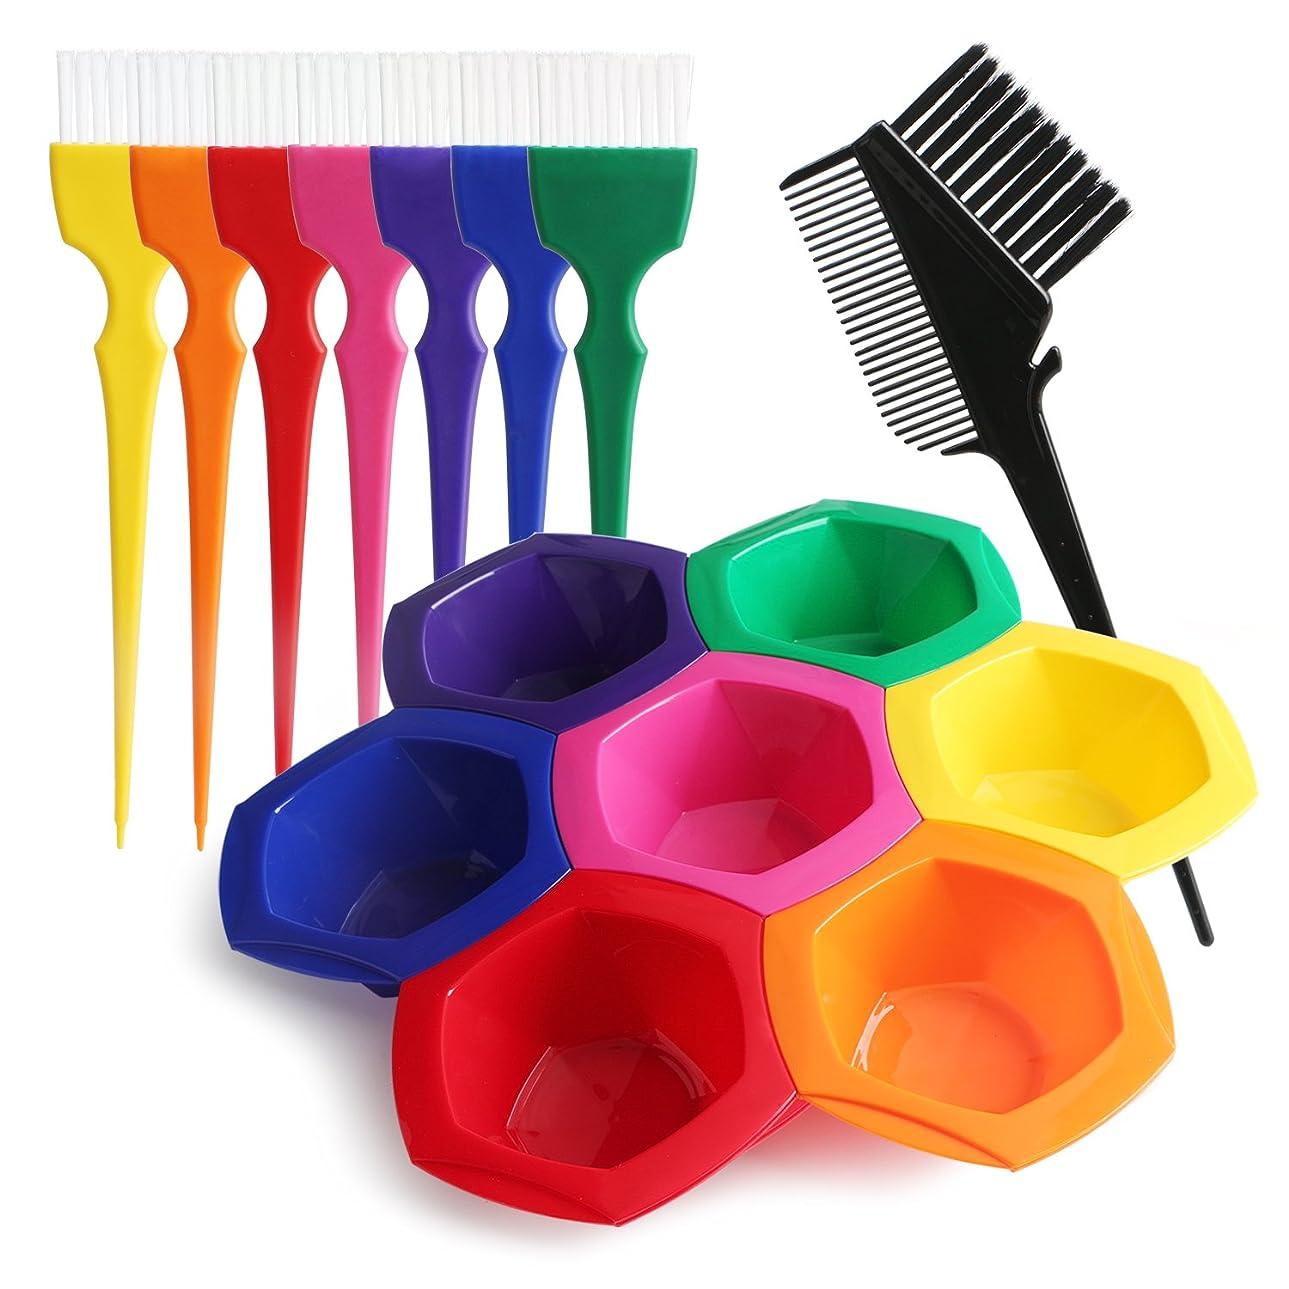 肉屋否定する土曜日Segbeauty DIY/プロの髪染めのセット ヘアカラー用工具 彩色なボウルとブラシのセット 彩色な髪 美髪用